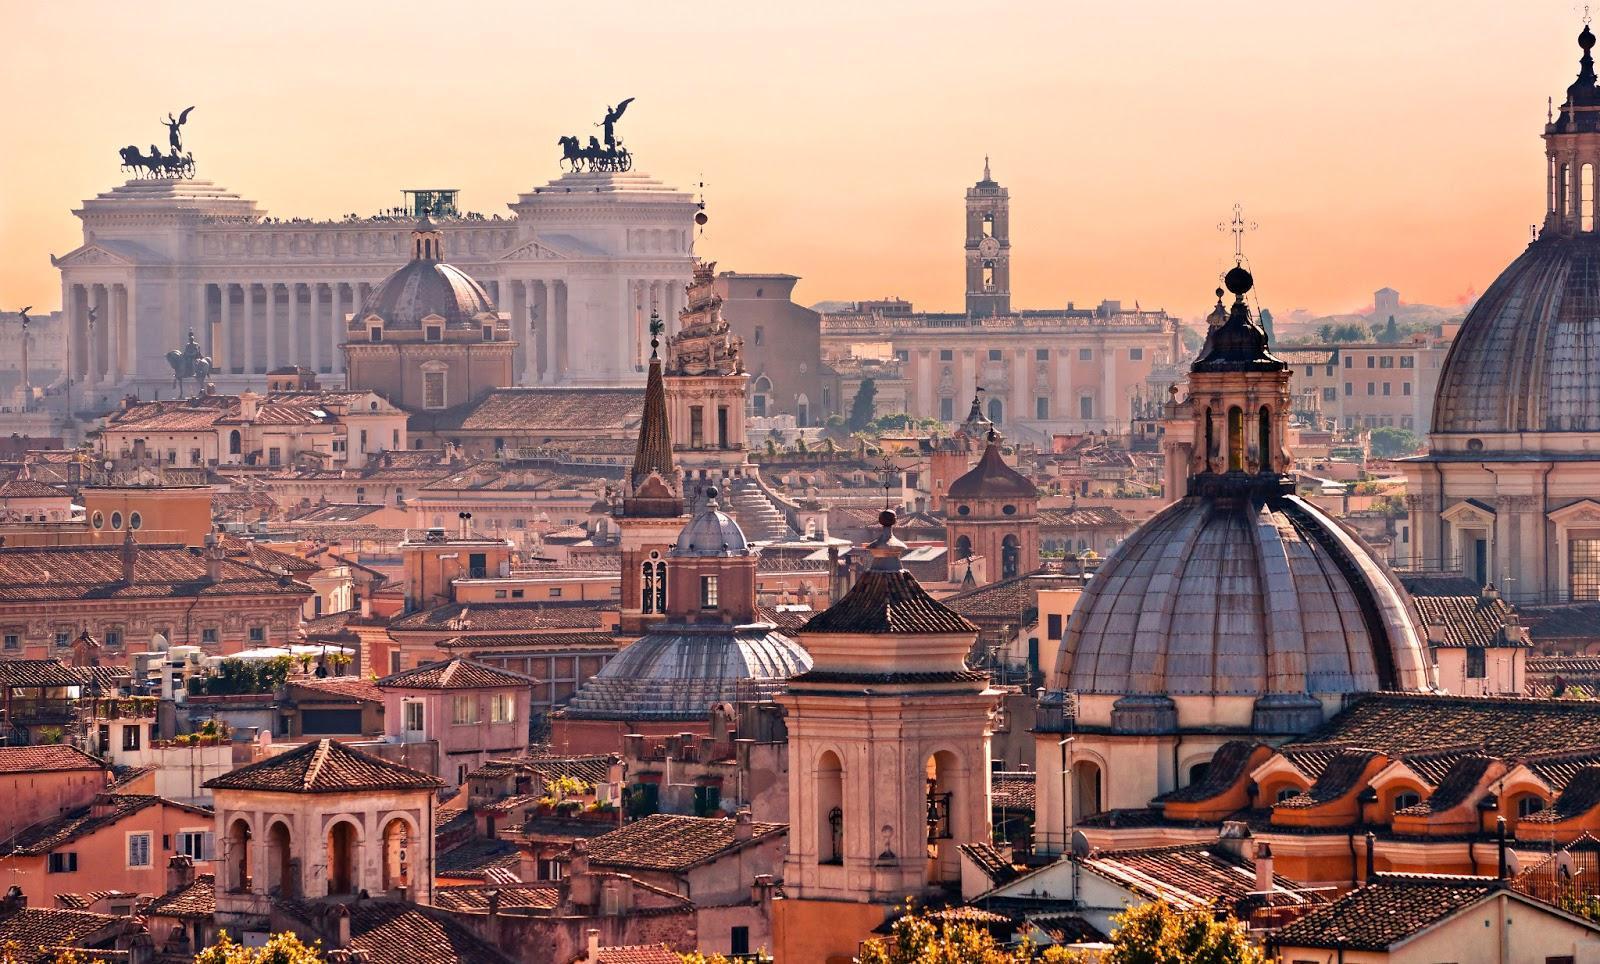 Previsioni meteo Roma: come sarà il tempo nel week end?